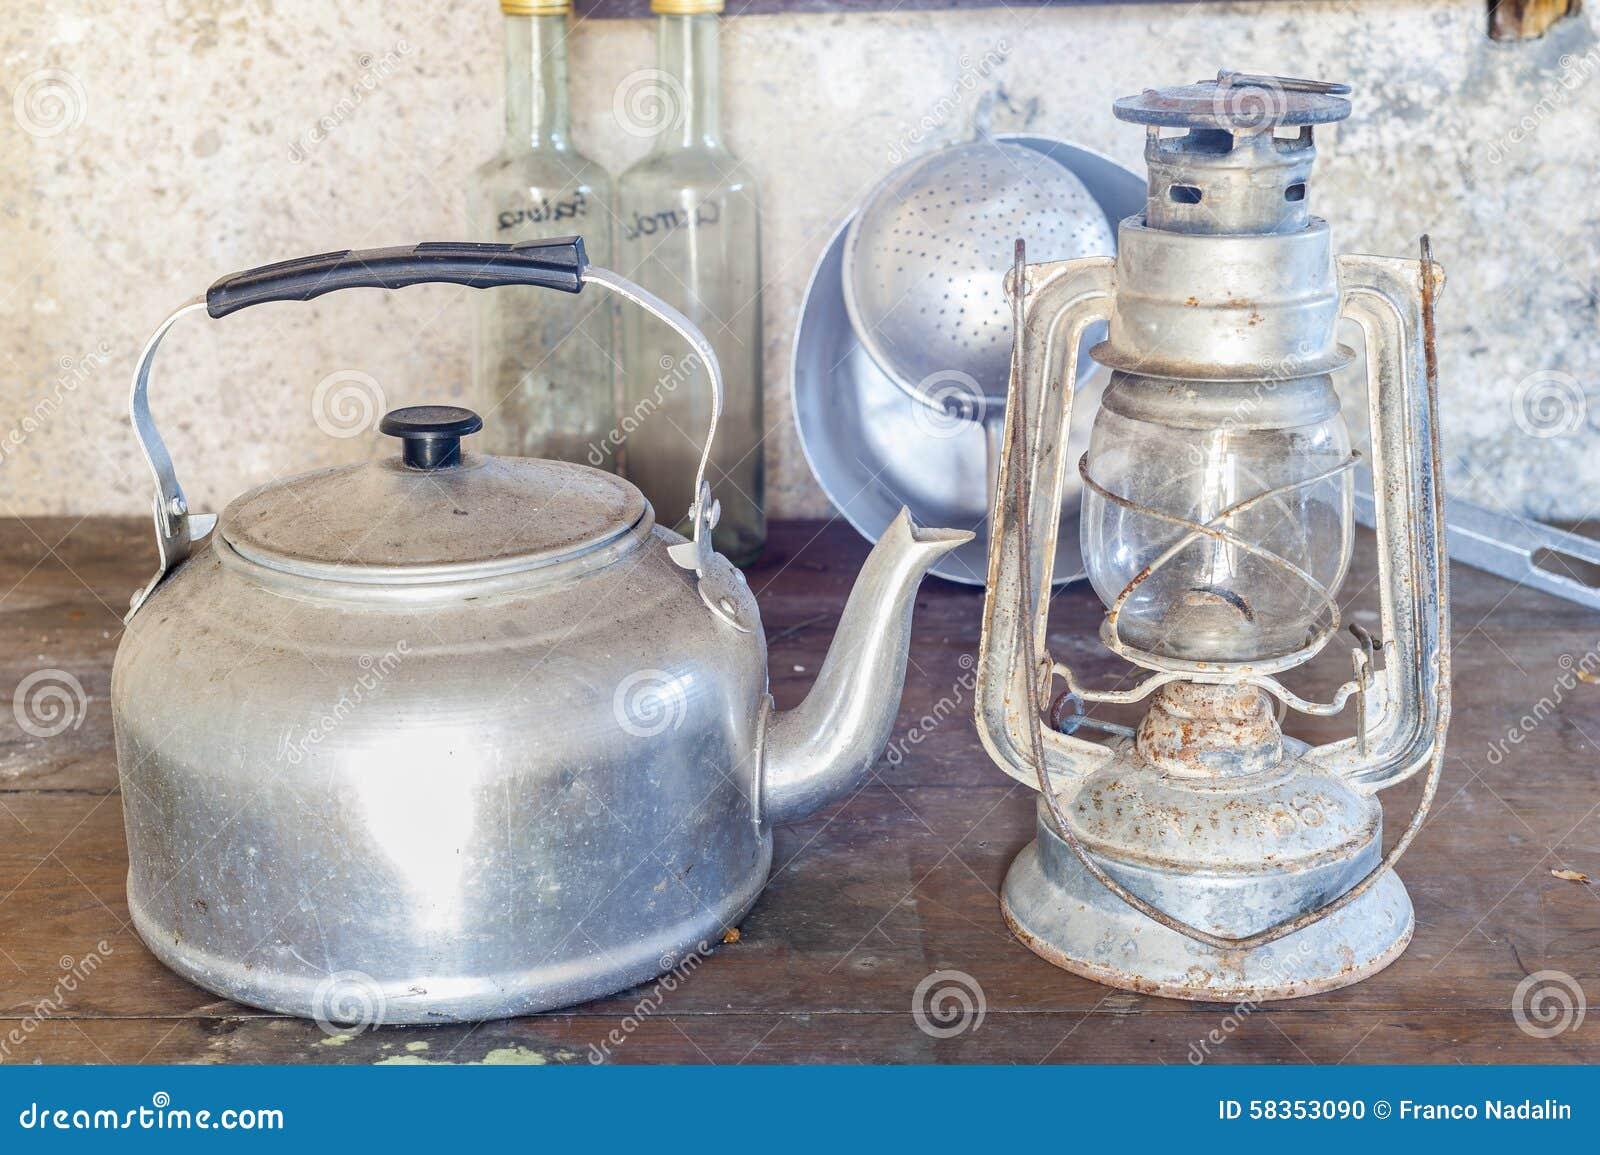 Viejos objetos de una cocina rural foto de archivo - Objetos de cocina ...